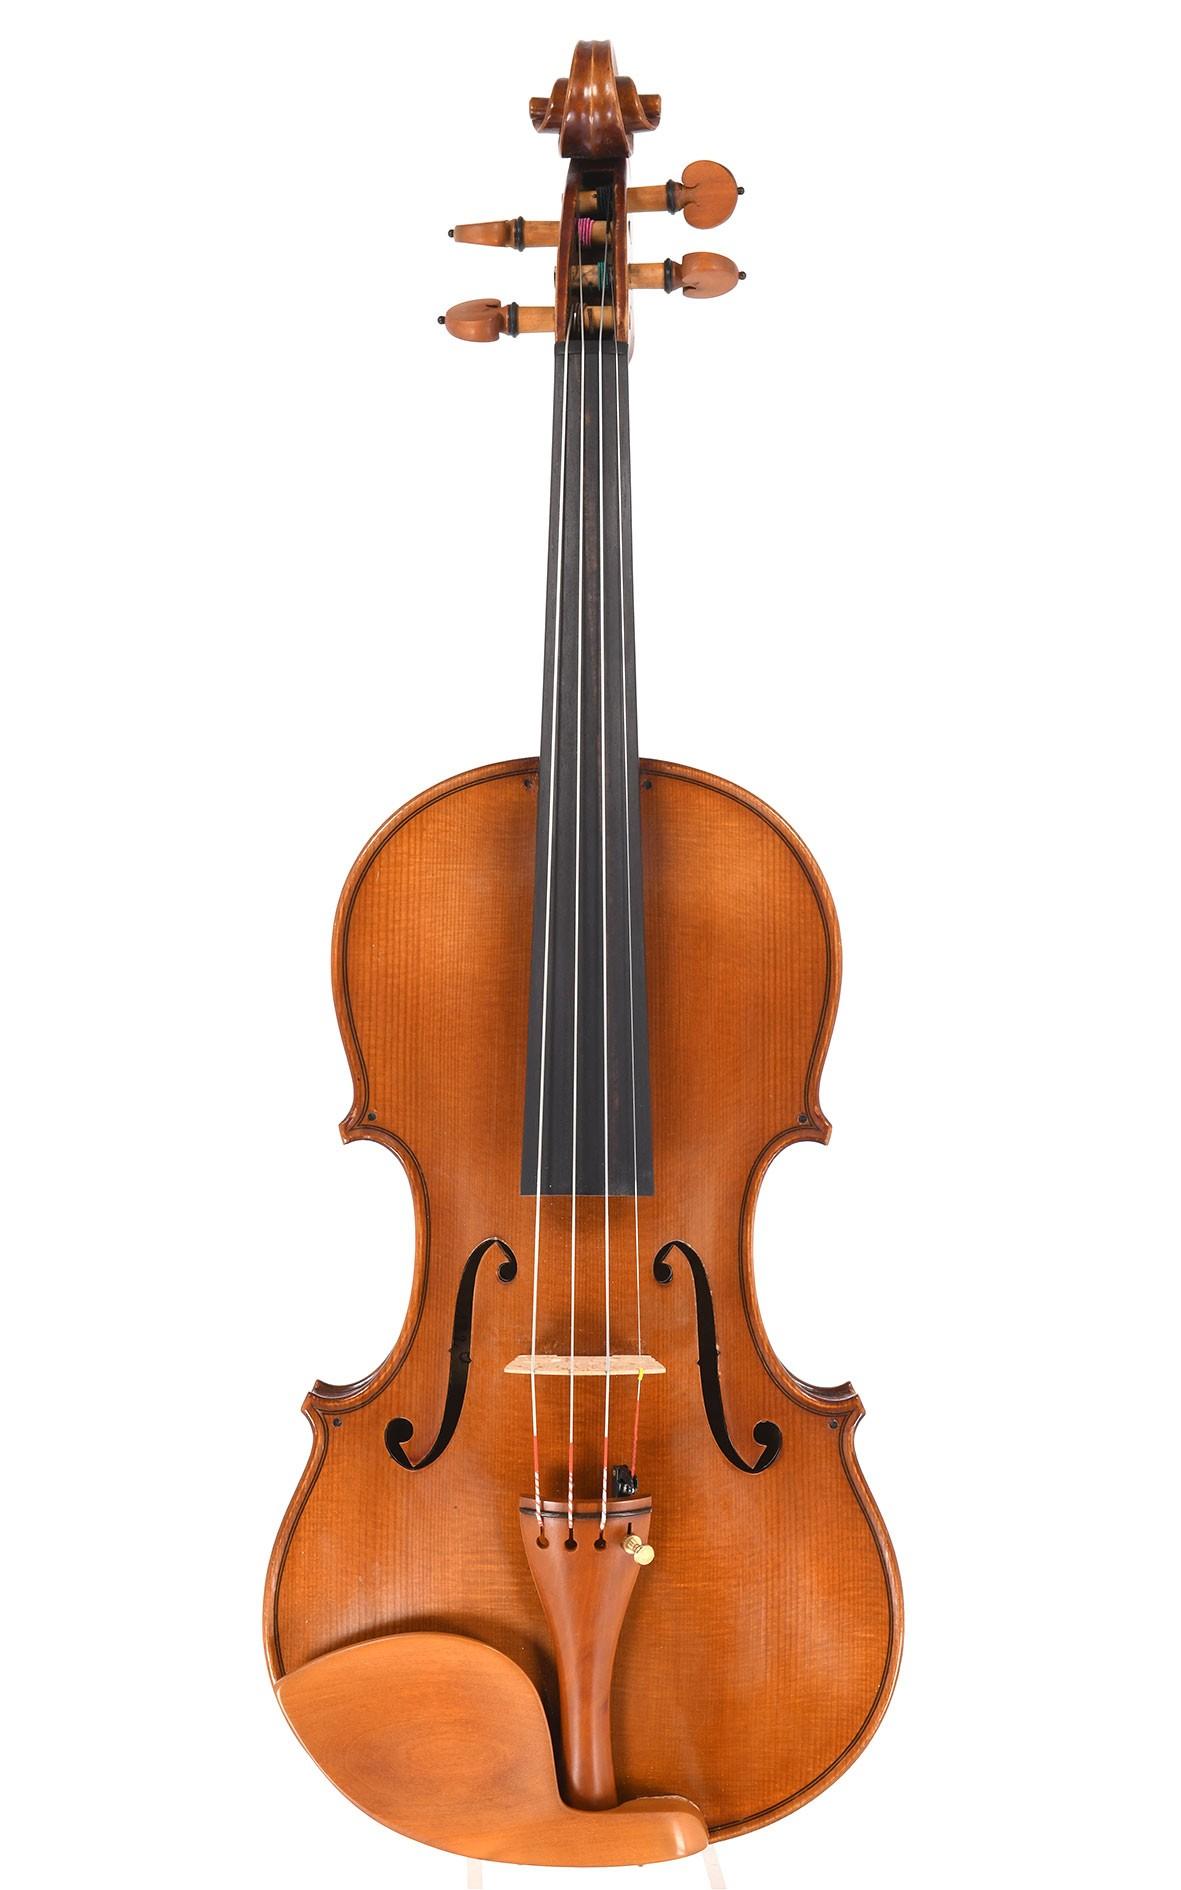 Rene Morizot violin